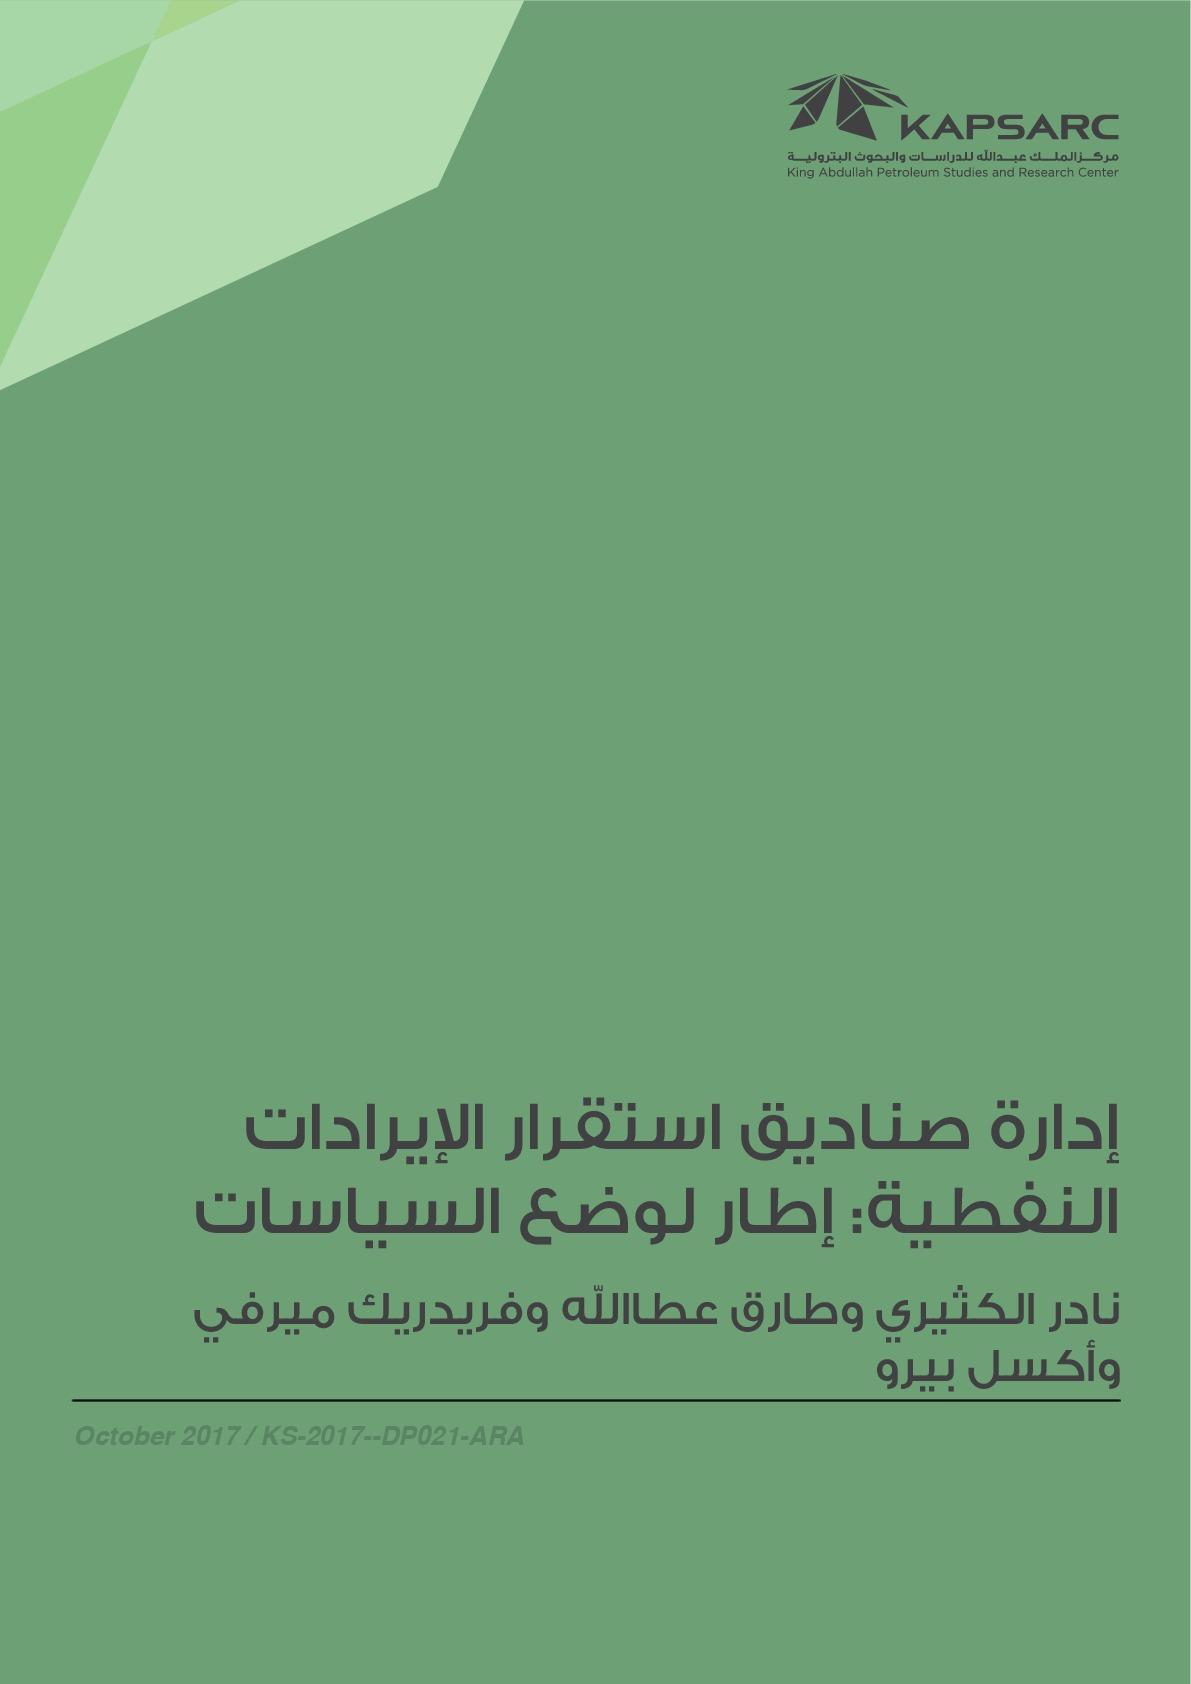 إدارة صناديق استقرار الإيراداتالنفطية: إطار لوضع السياسات